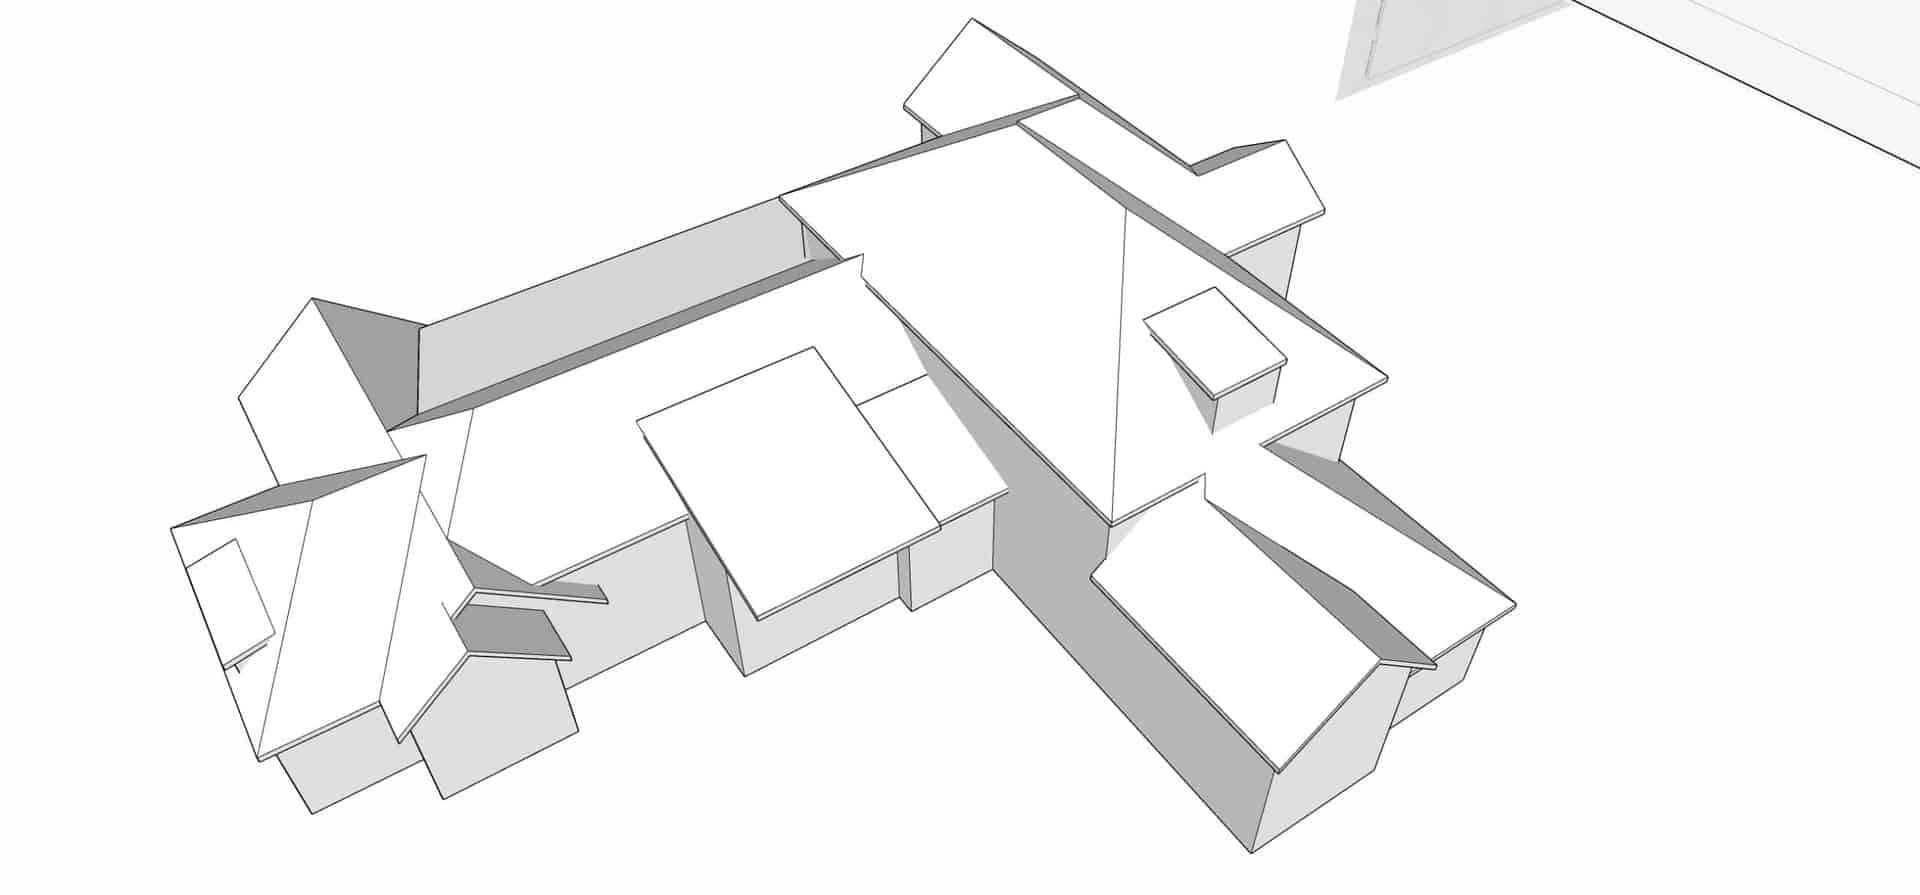 roof model sketchup tutor